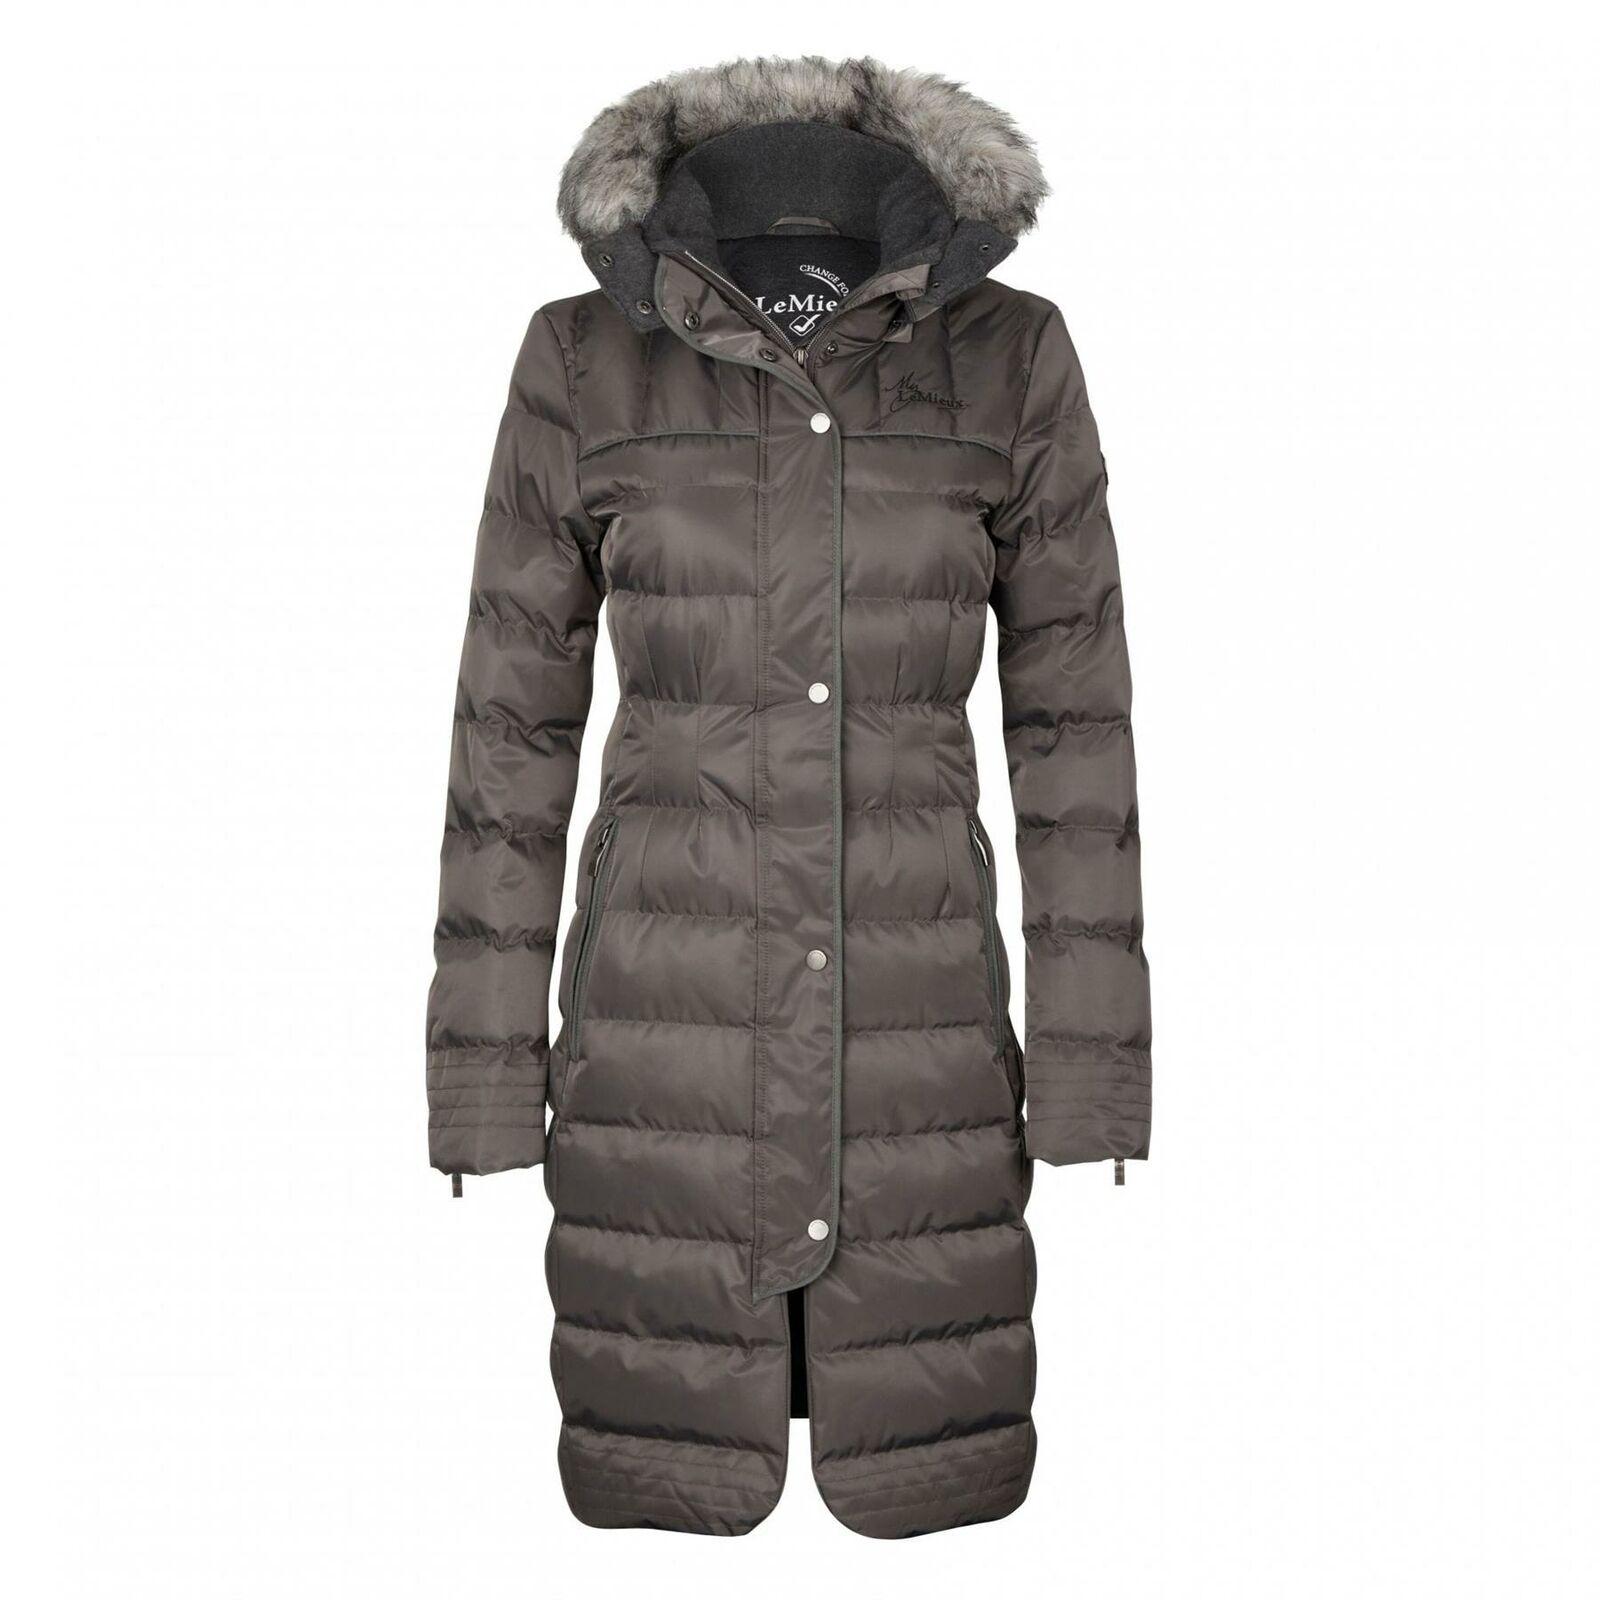 Il mio Lemieux Invernale Imbottito Cappotto lungo con cappuccio in pelliccia sintetica